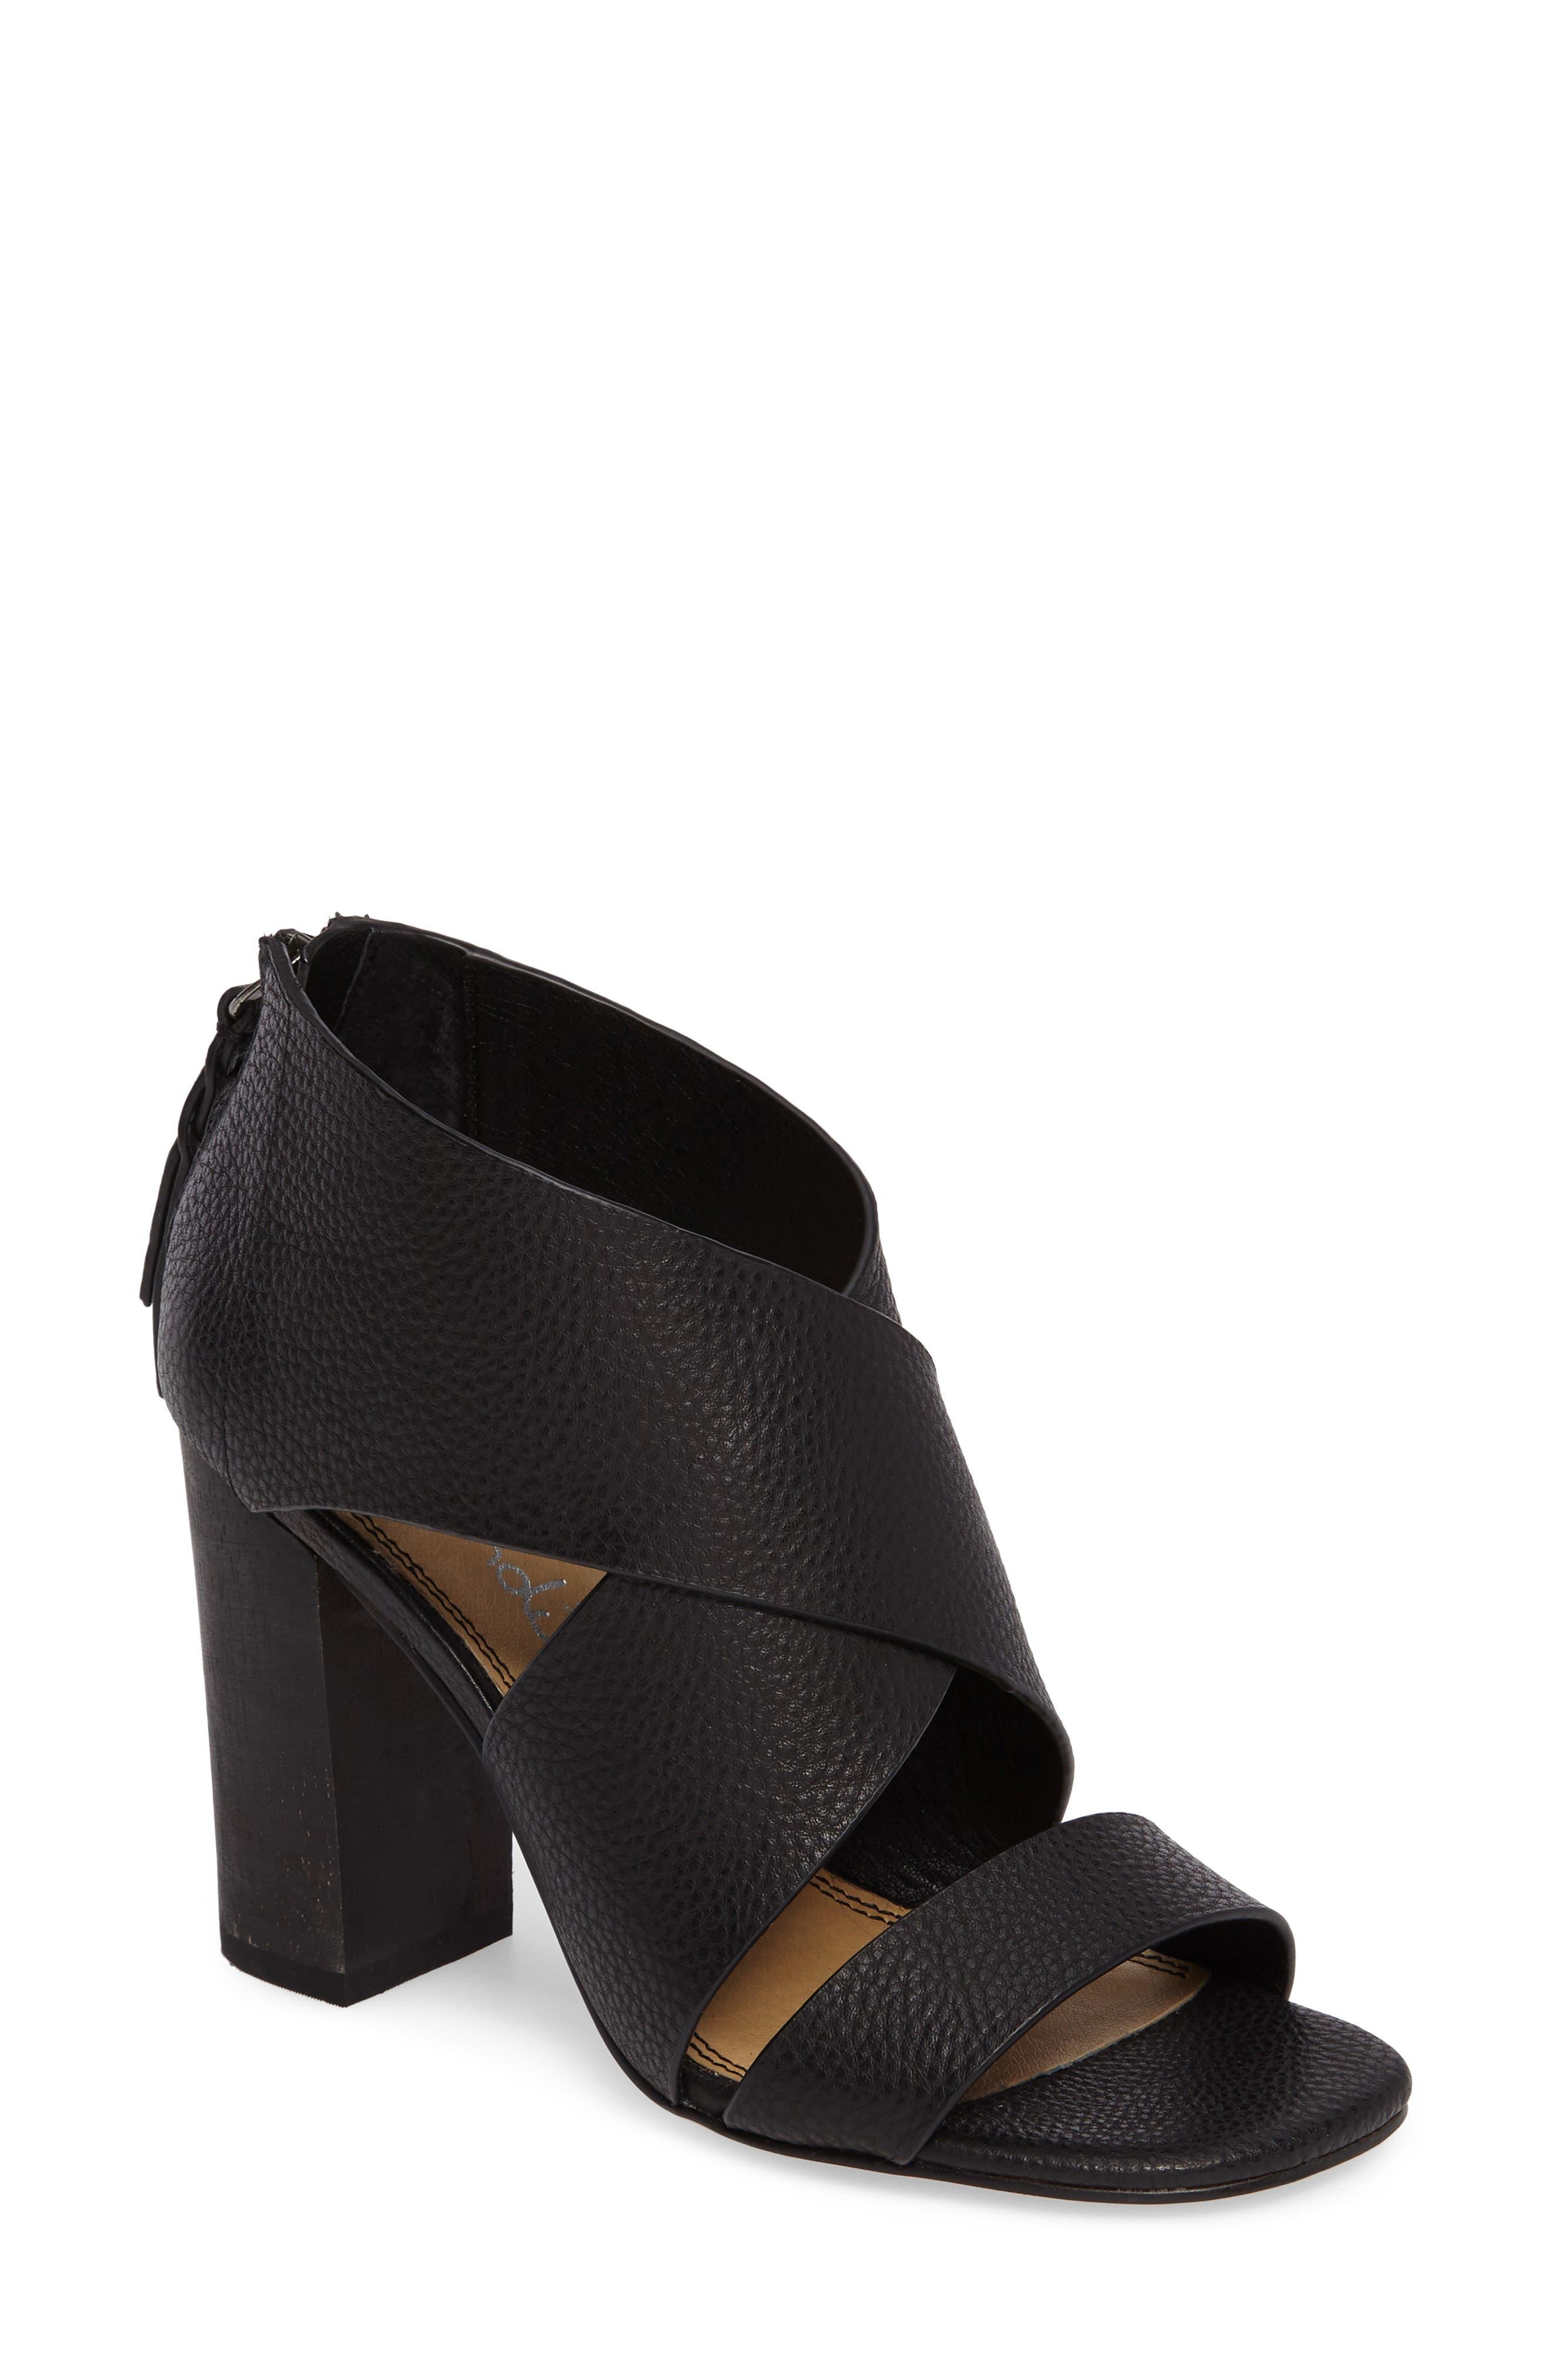 Alternate Image 1 Selected - Splendid Danett Cross Strap Sandal (Women)